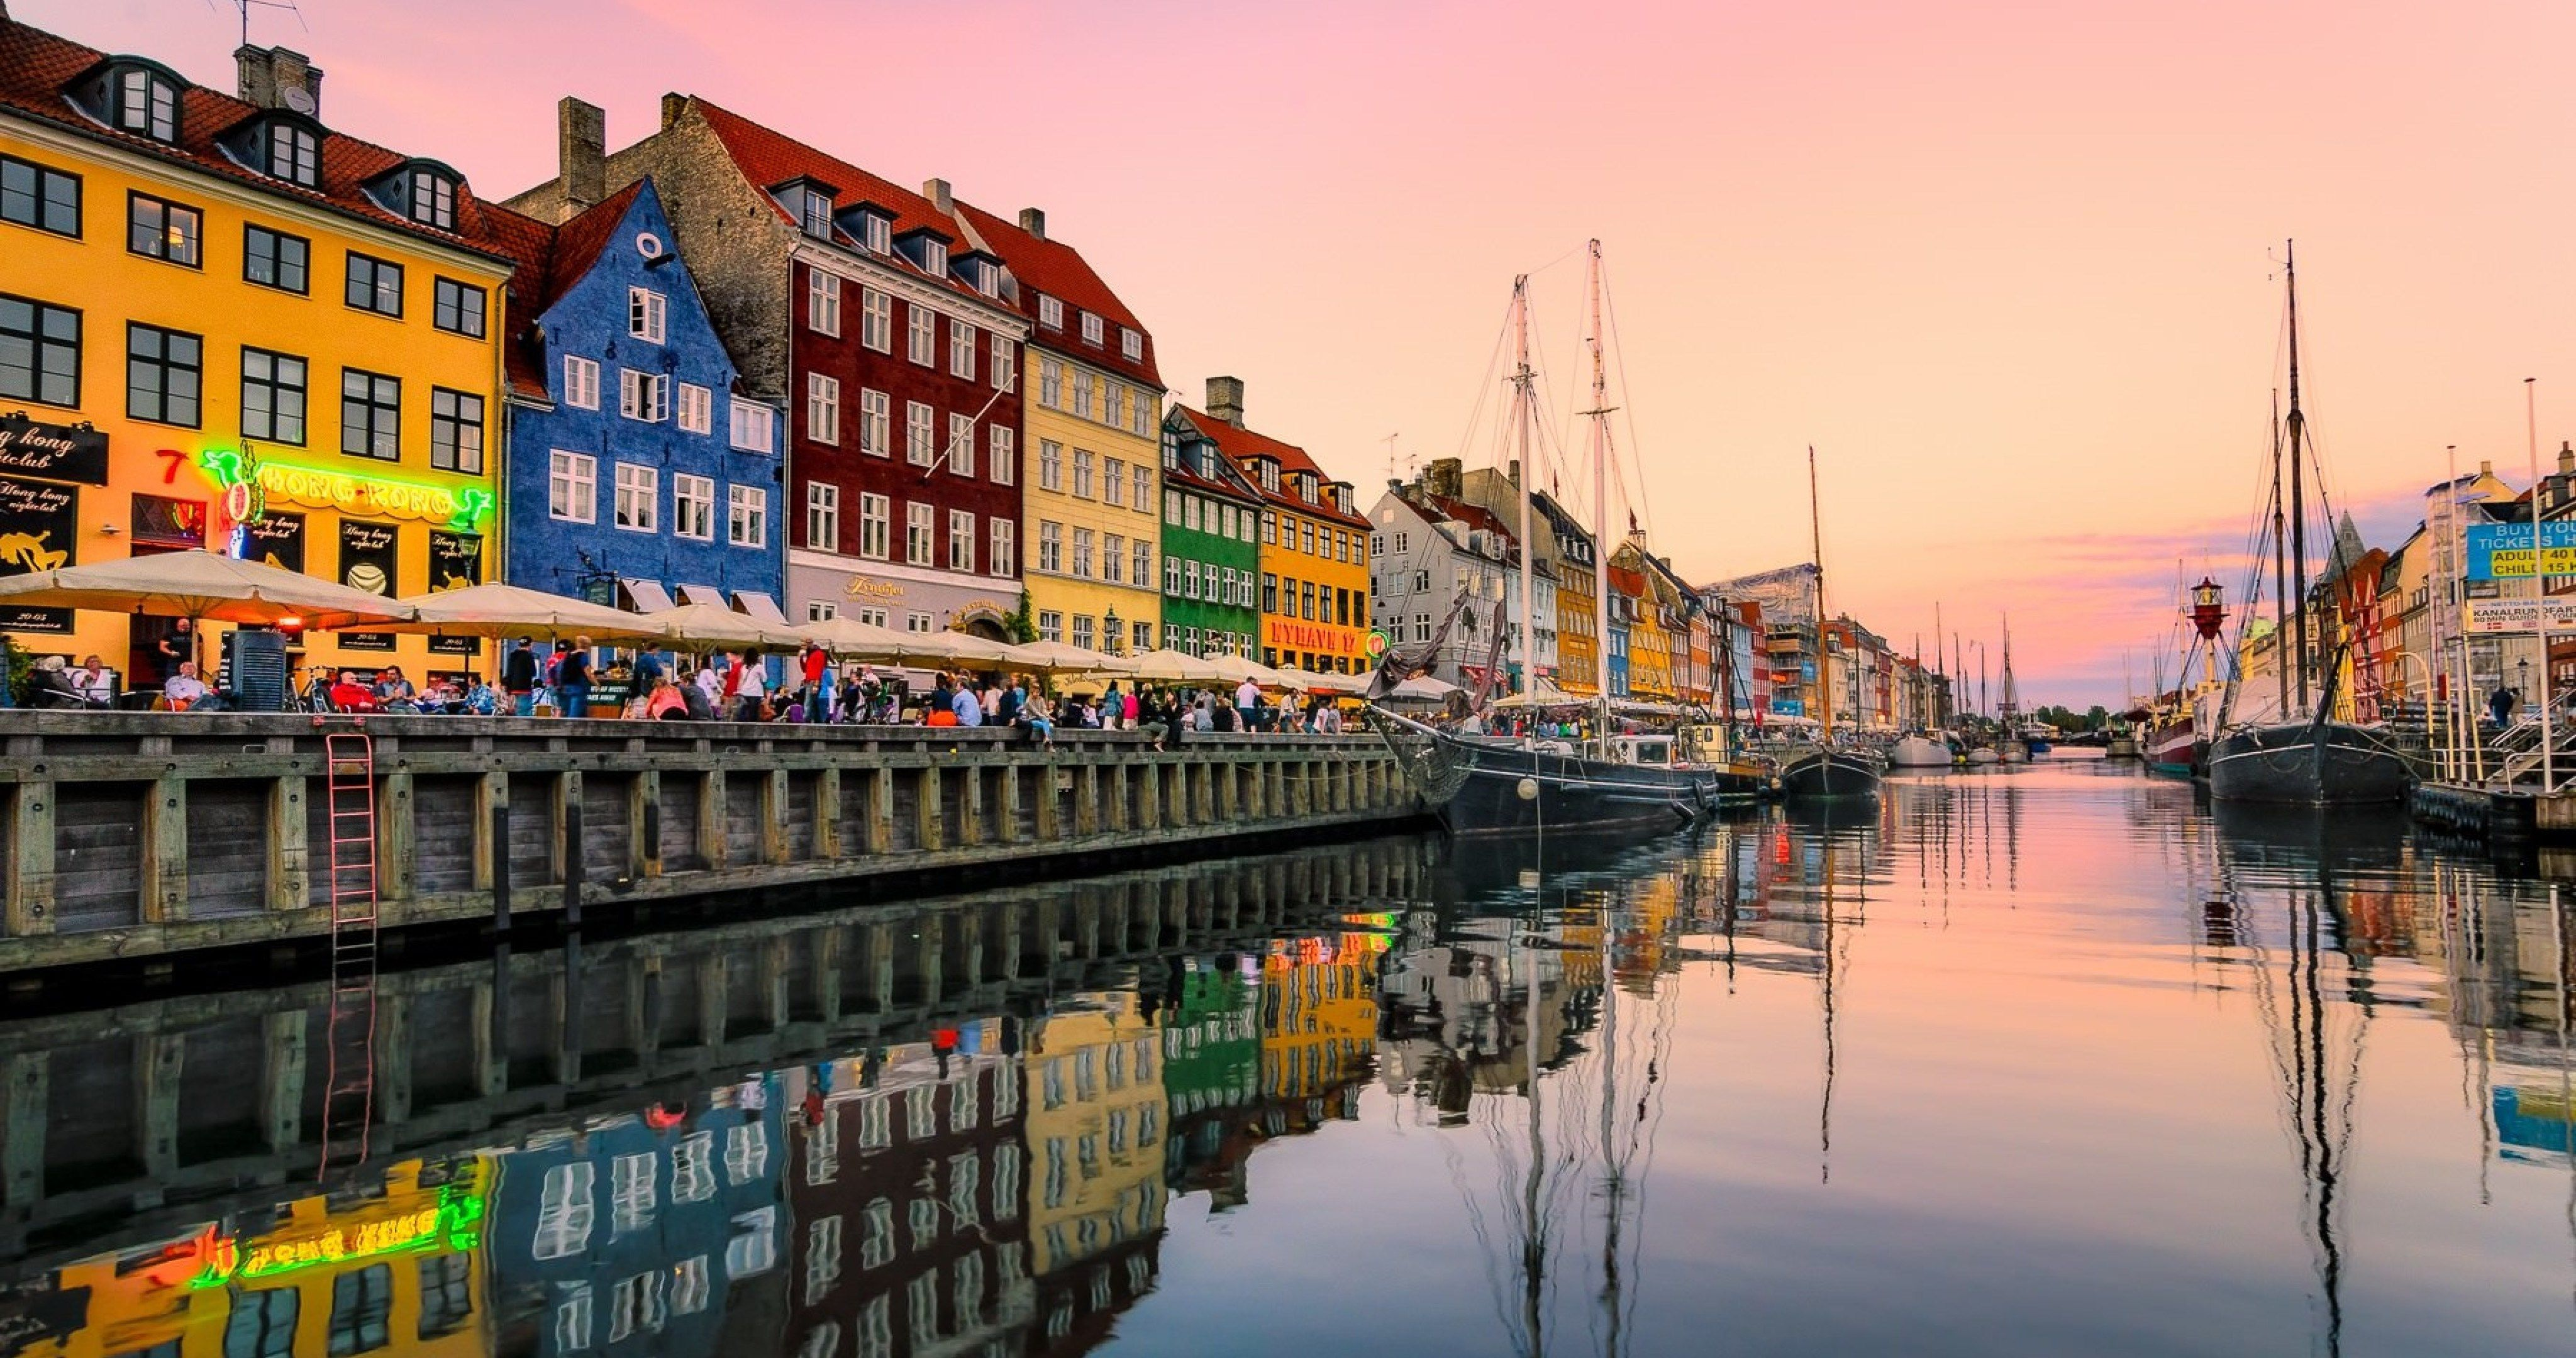 Nyhavn harbour in copenhagen wallpaper 4k ultra hd wallpaper illustrations and posters - Copenhagen wallpaper ...